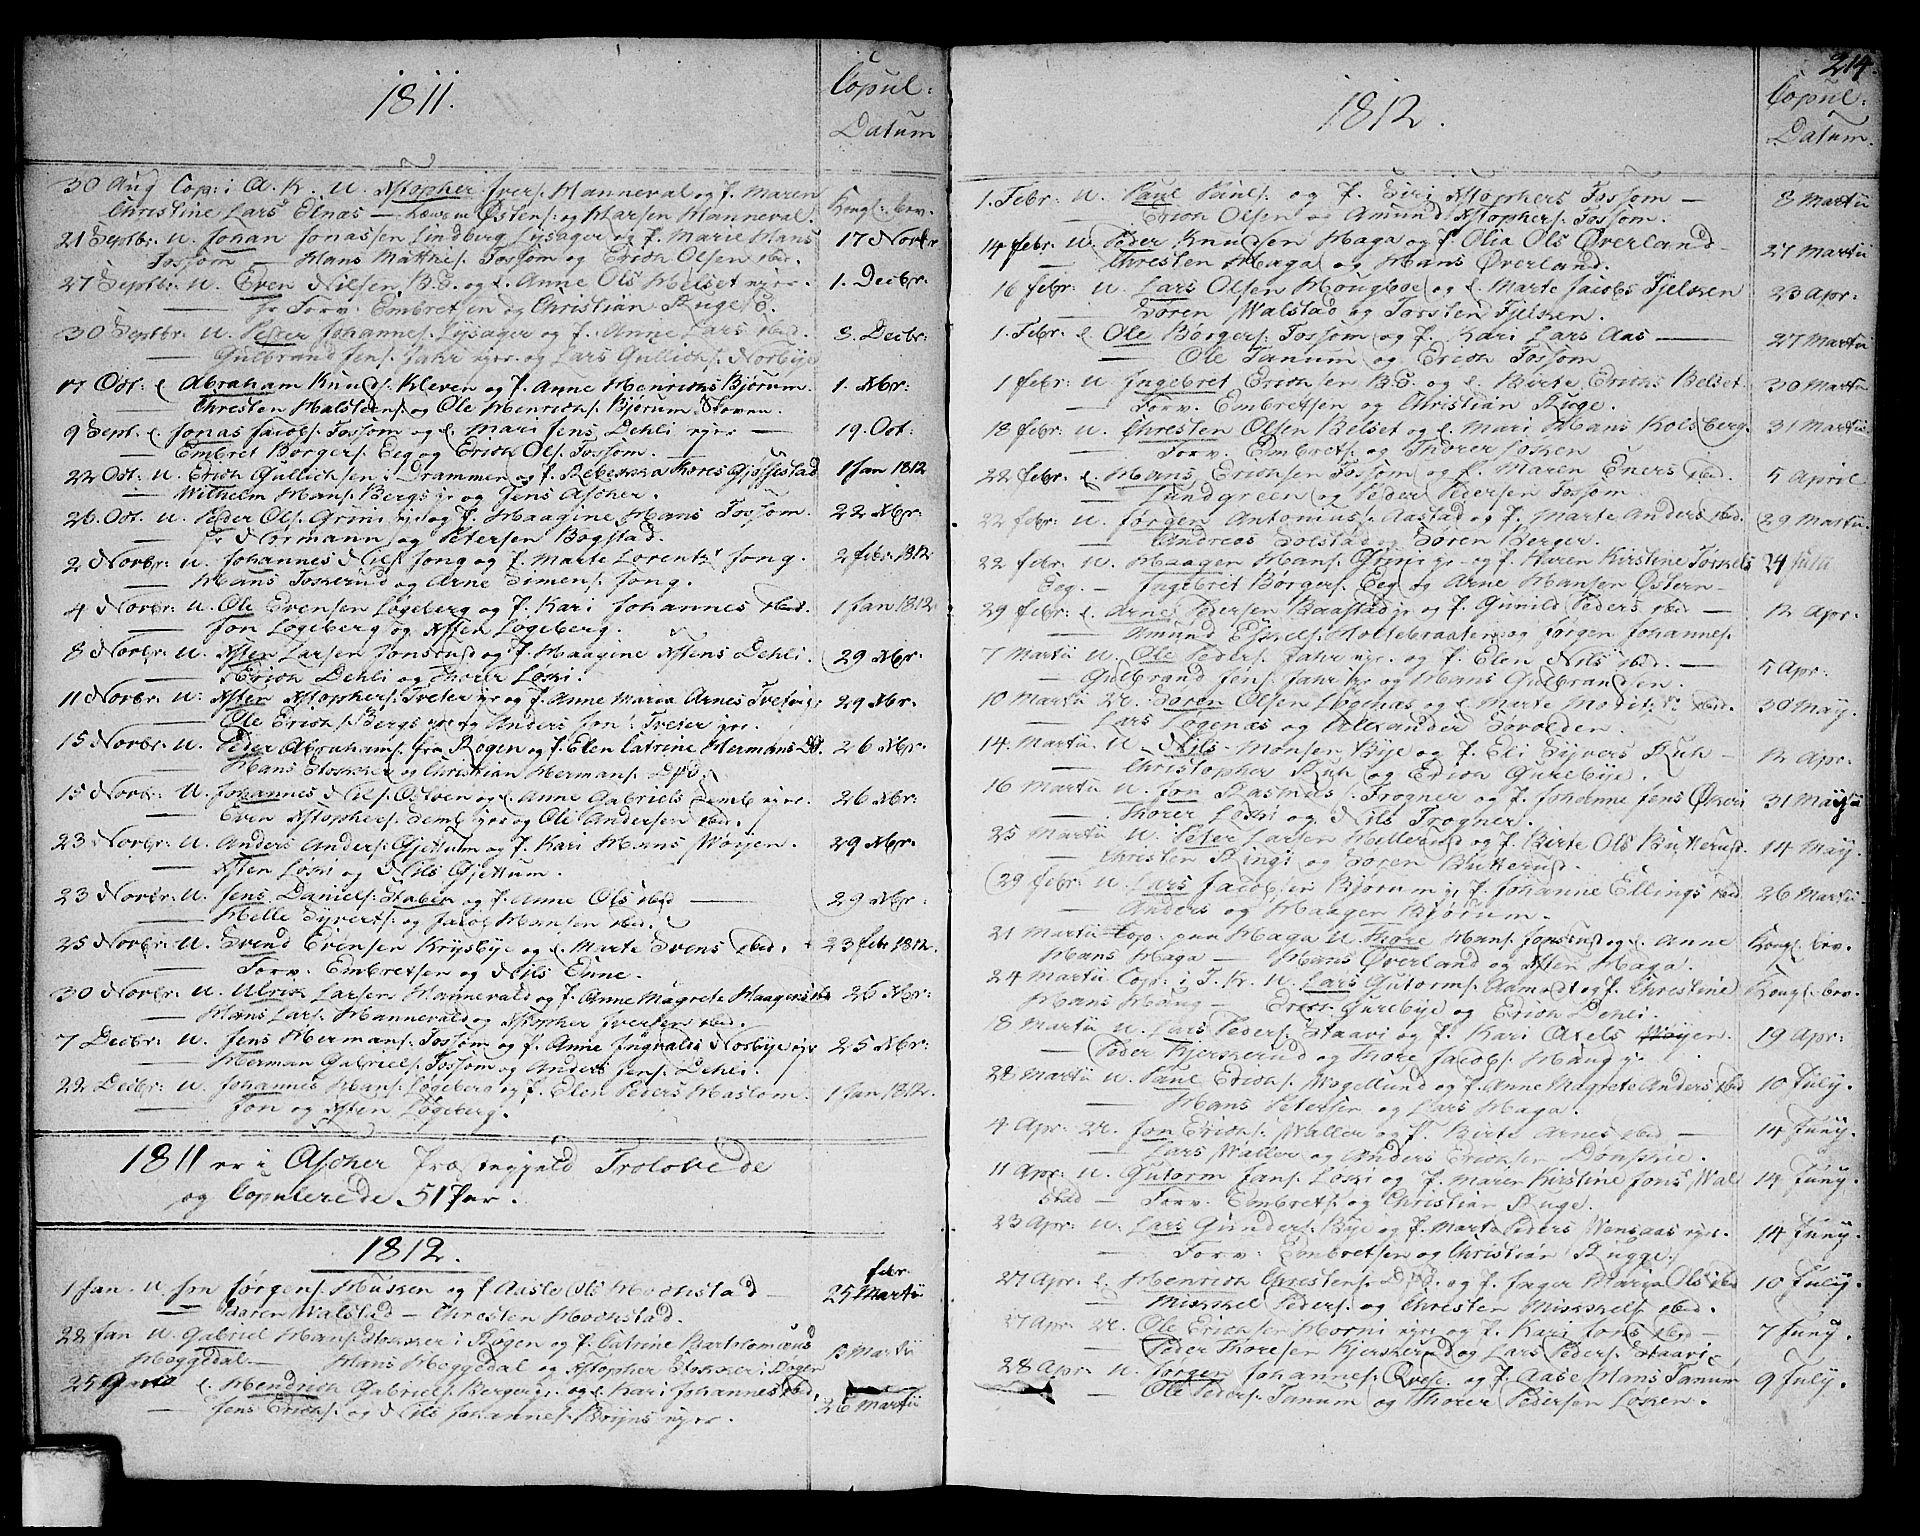 SAO, Asker prestekontor Kirkebøker, F/Fa/L0005: Ministerialbok nr. I 5, 1807-1813, s. 214